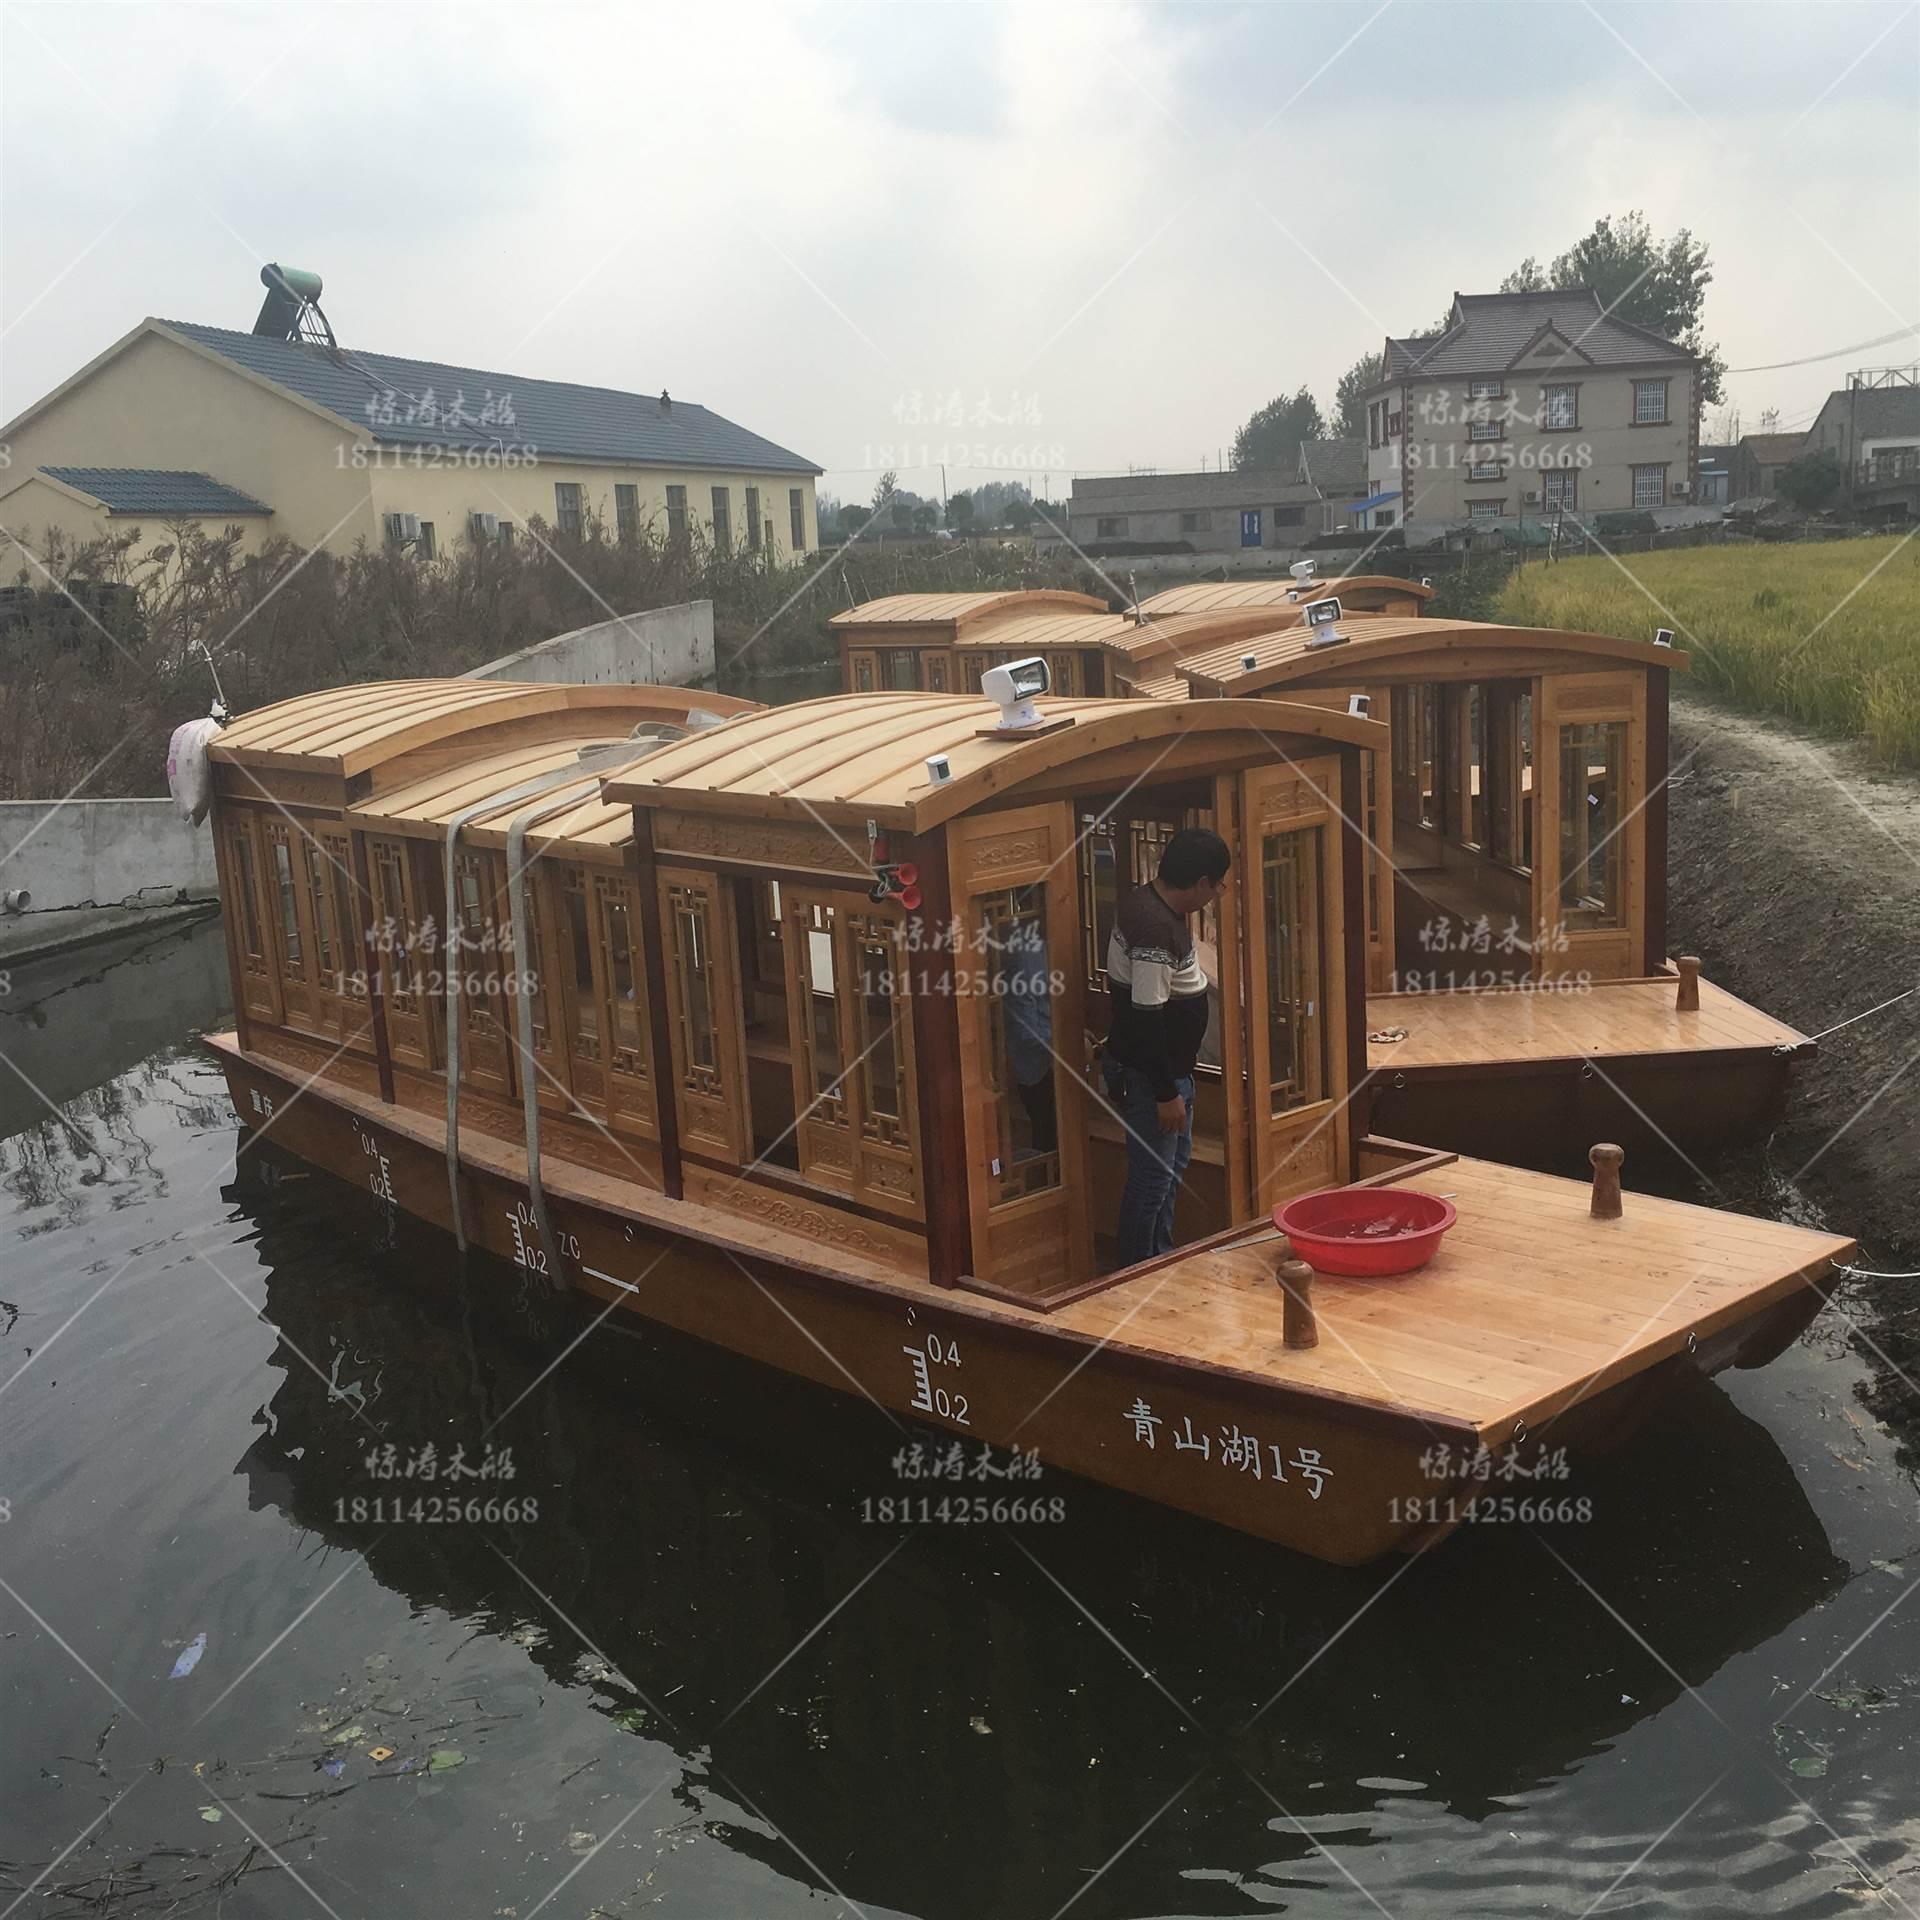 重庆船检画舫船 乌篷船游船 定制船 小渔船二手船